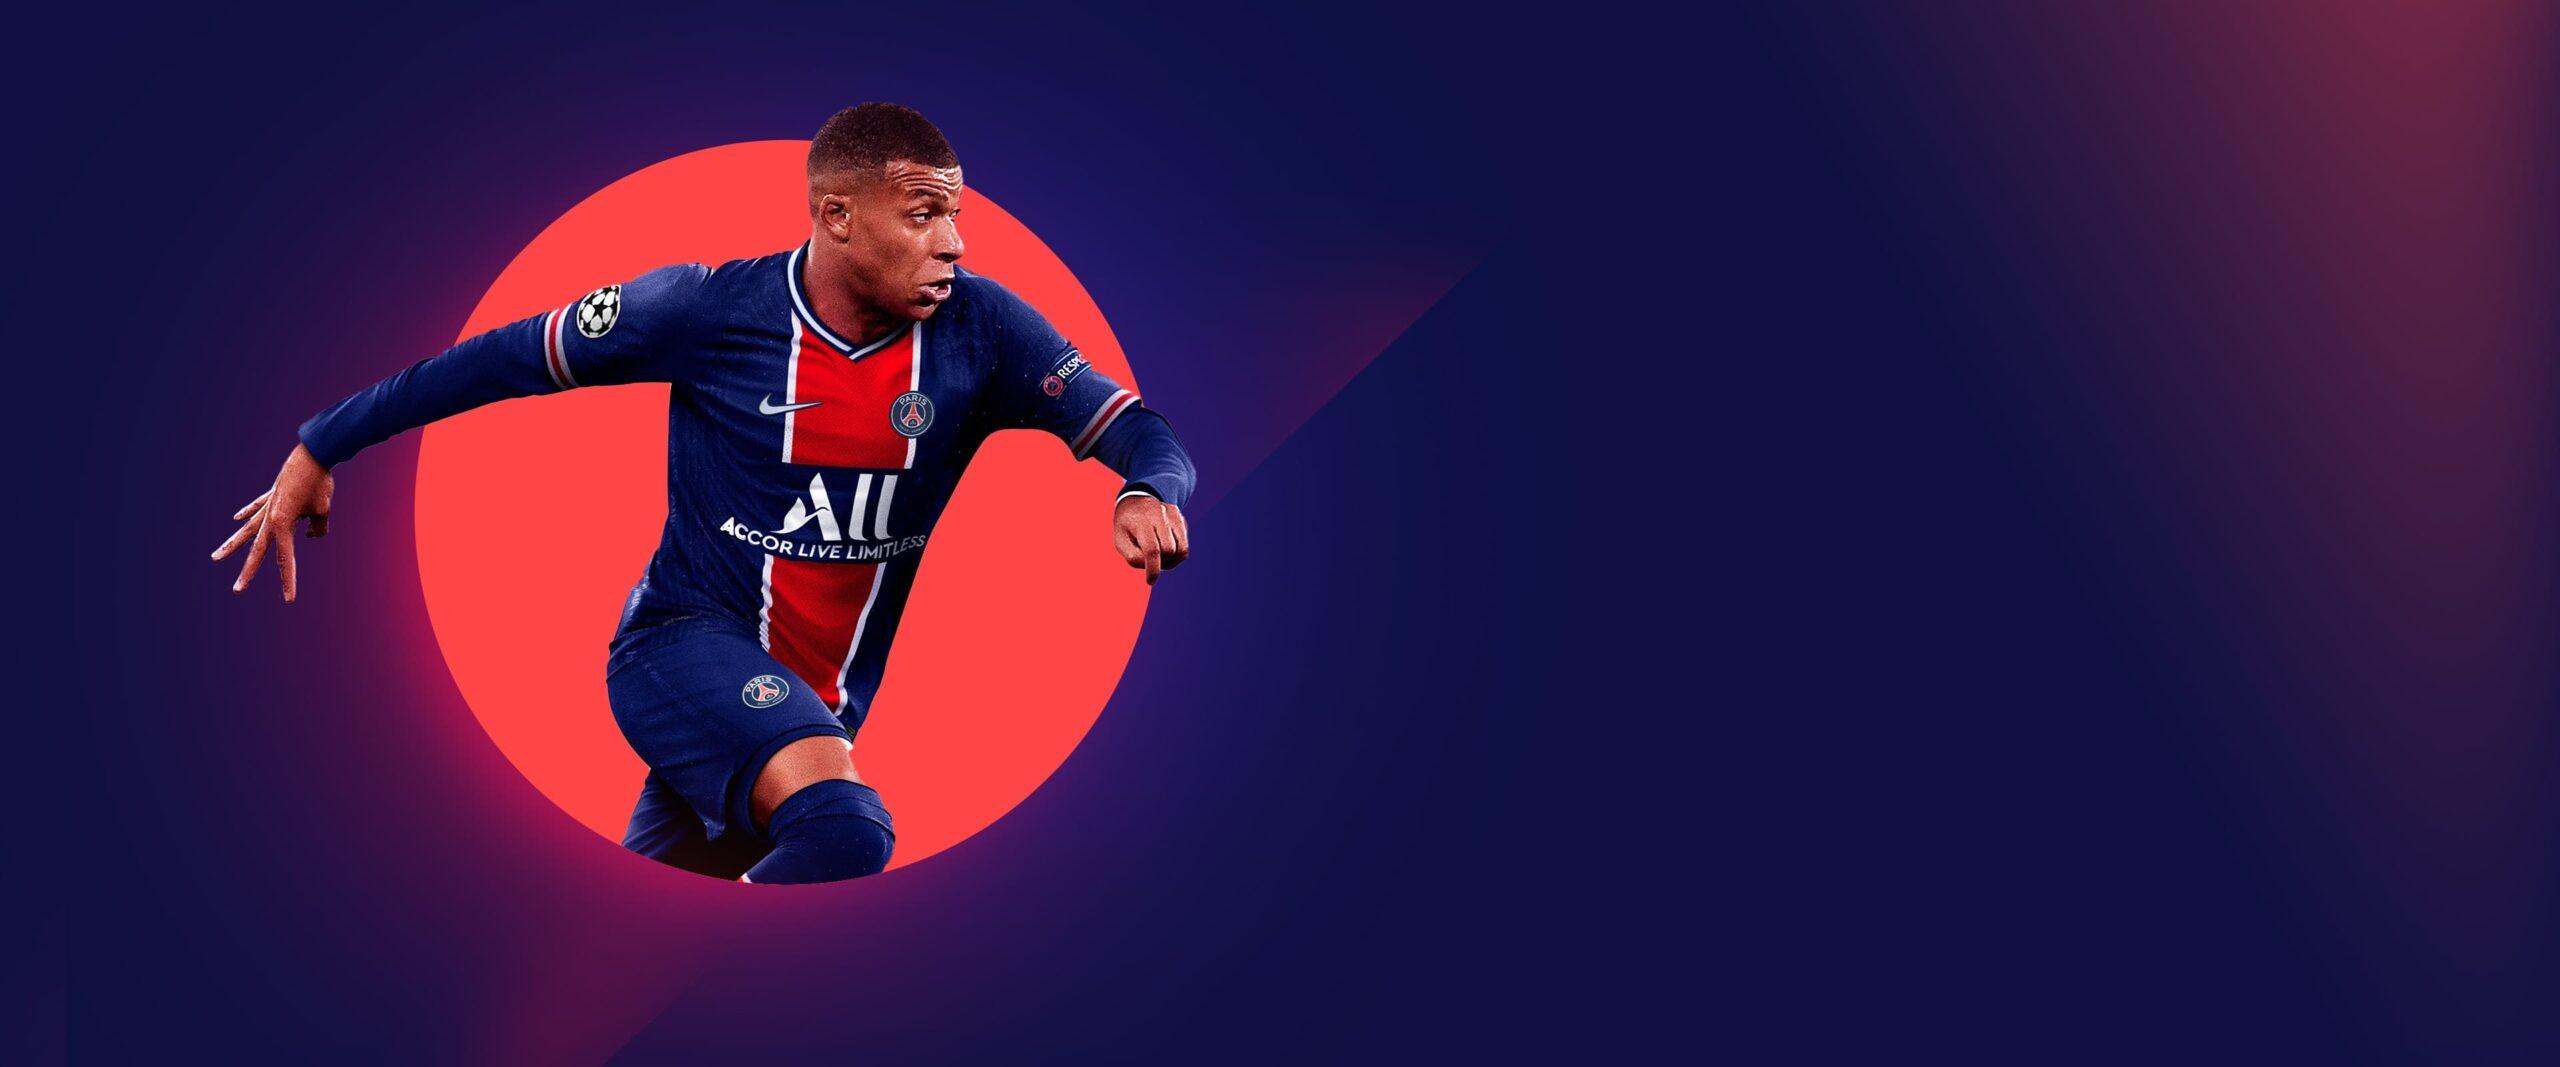 Todo lo que necesitas saber del POTY (player of the year) de FIFA 21